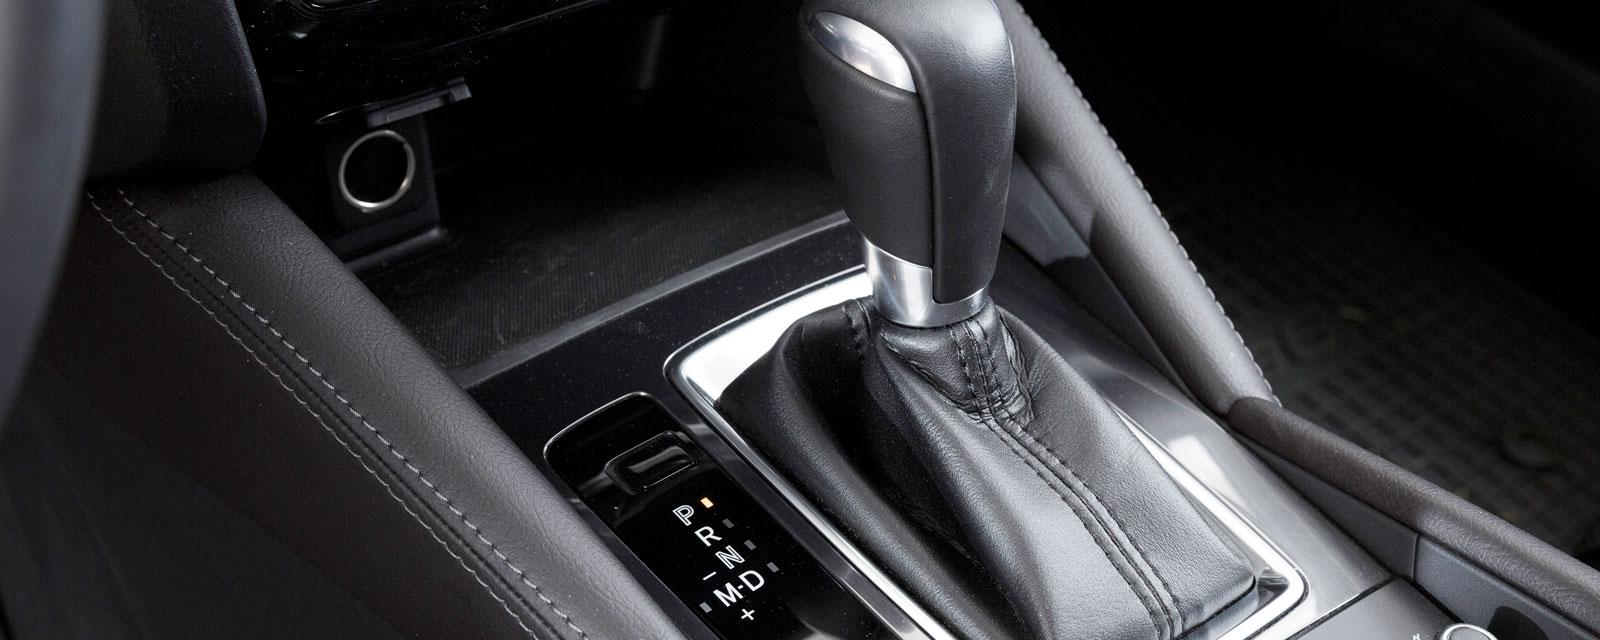 Mazda har 6-stegad automatlåda, AWD och växelpaddlar. Har högsta varvtal av de tre vid 110 km/tim: 2100 v/min.